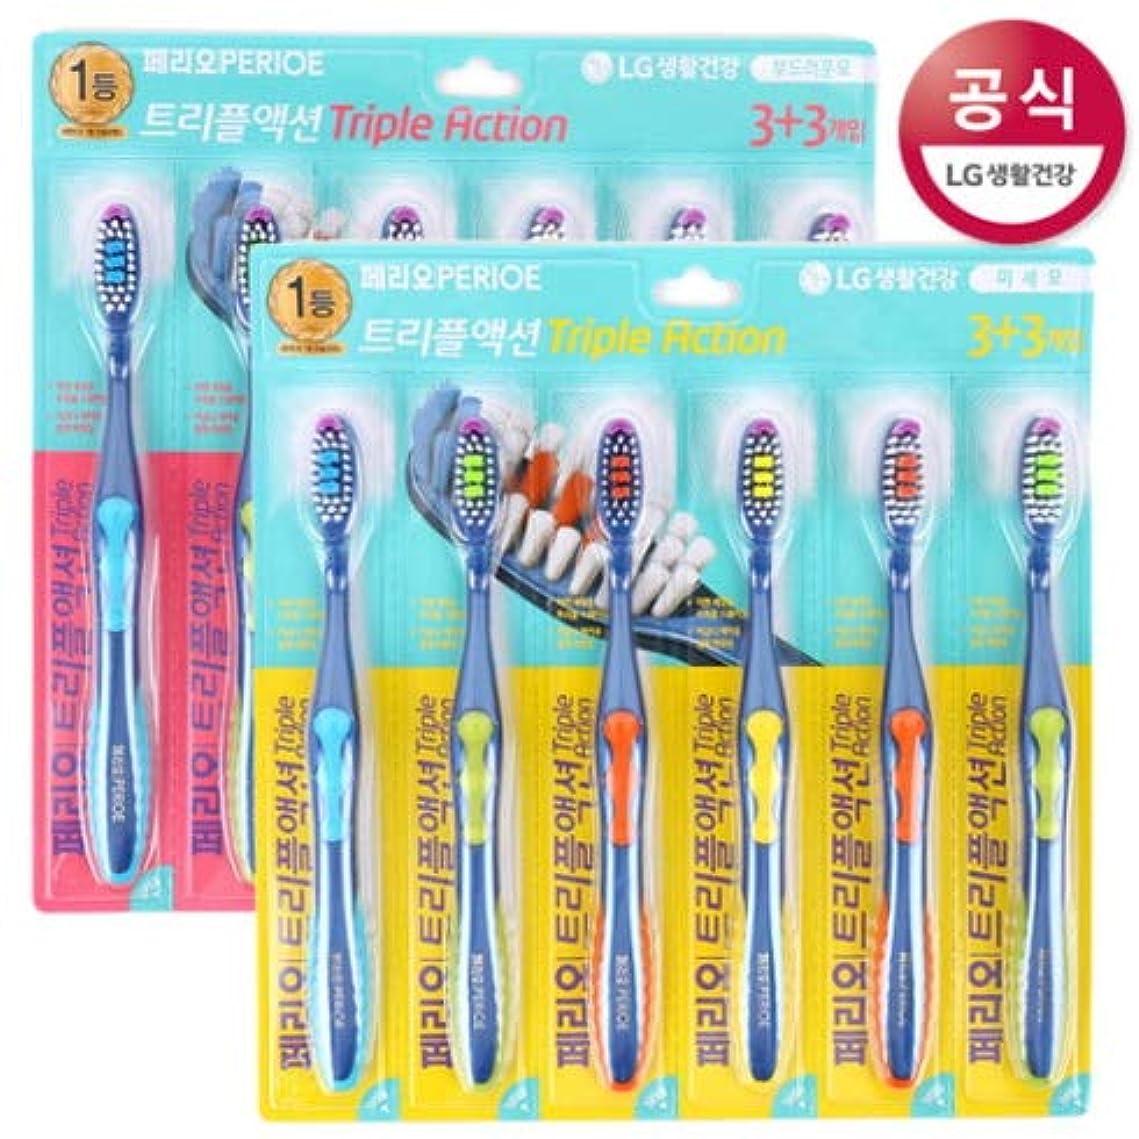 アテンダント甘味作者[LG HnB] Perio Triple Action Toothbrush/ペリオトリプルアクション歯ブラシ 6口x2個(海外直送品)